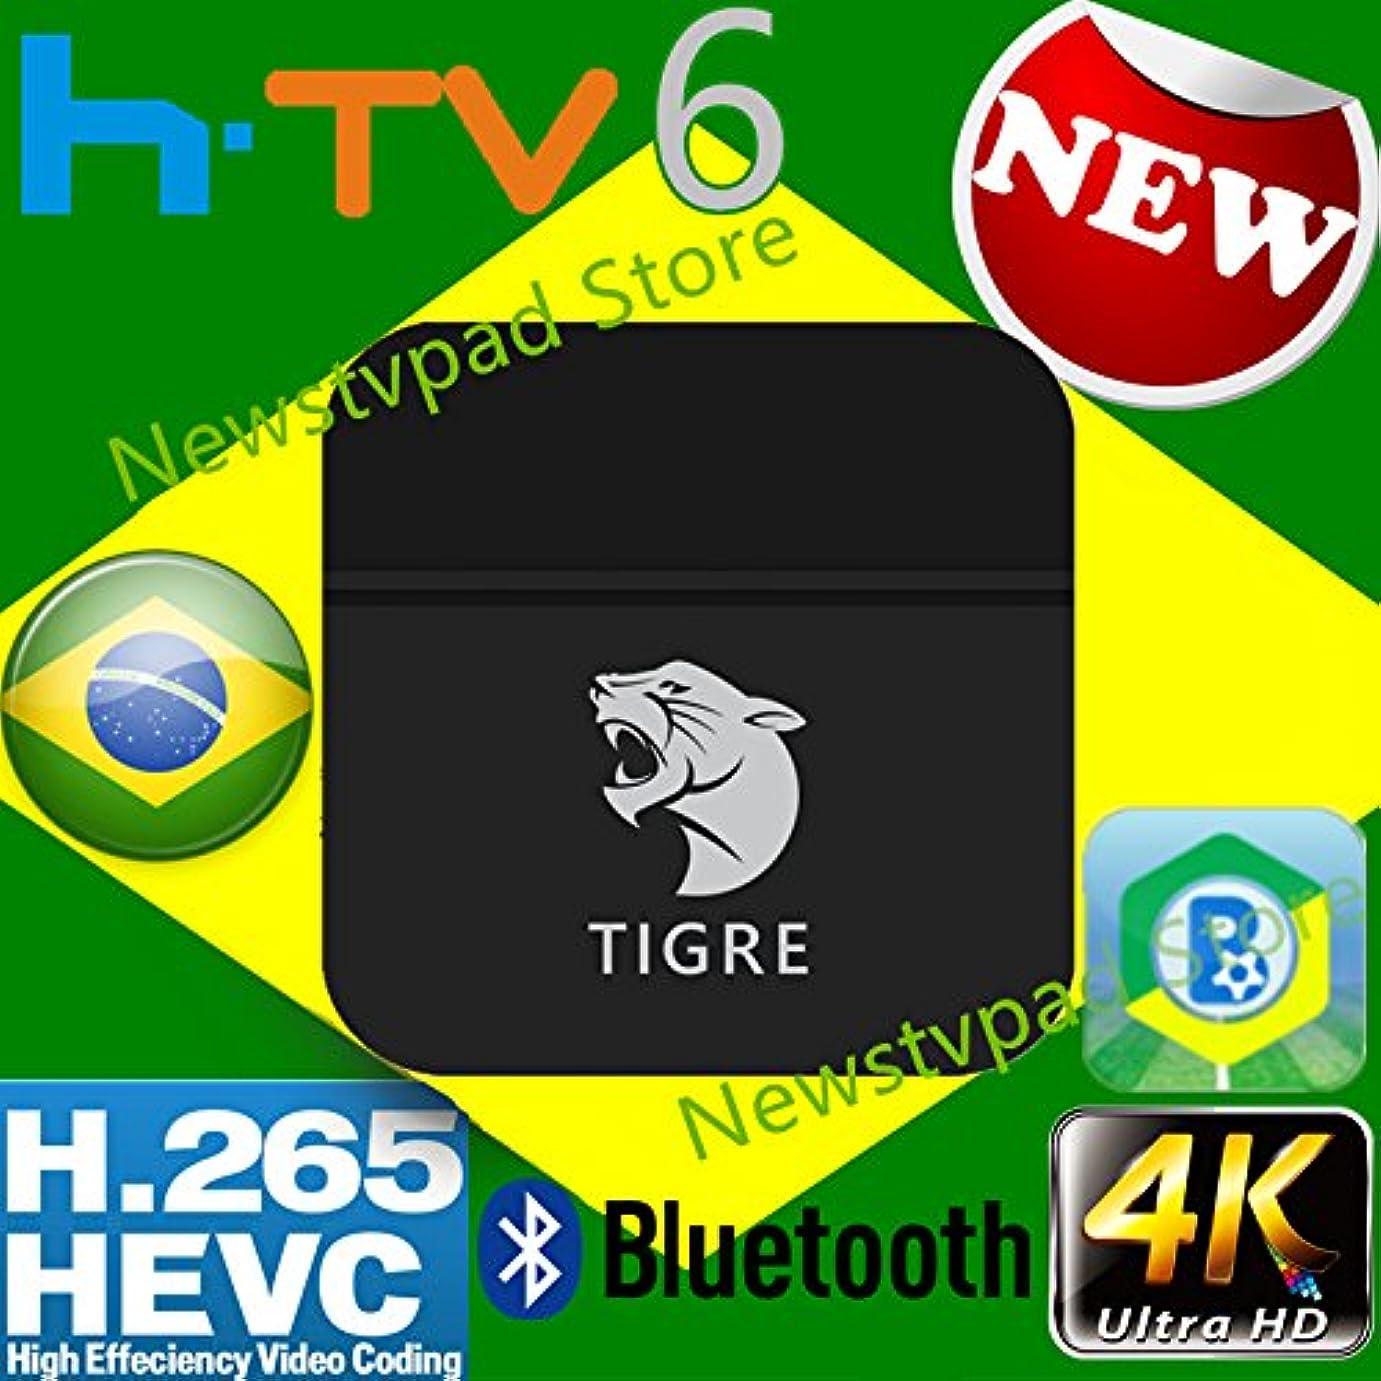 ターゲット不和宿題【中古】 DELL OptiPlex 3010 DT Core i5-3470 3.2GHz 8GB 500GB(HDD) Radeon HD 7470 DVD+-RW Windows7 Pro 64bit